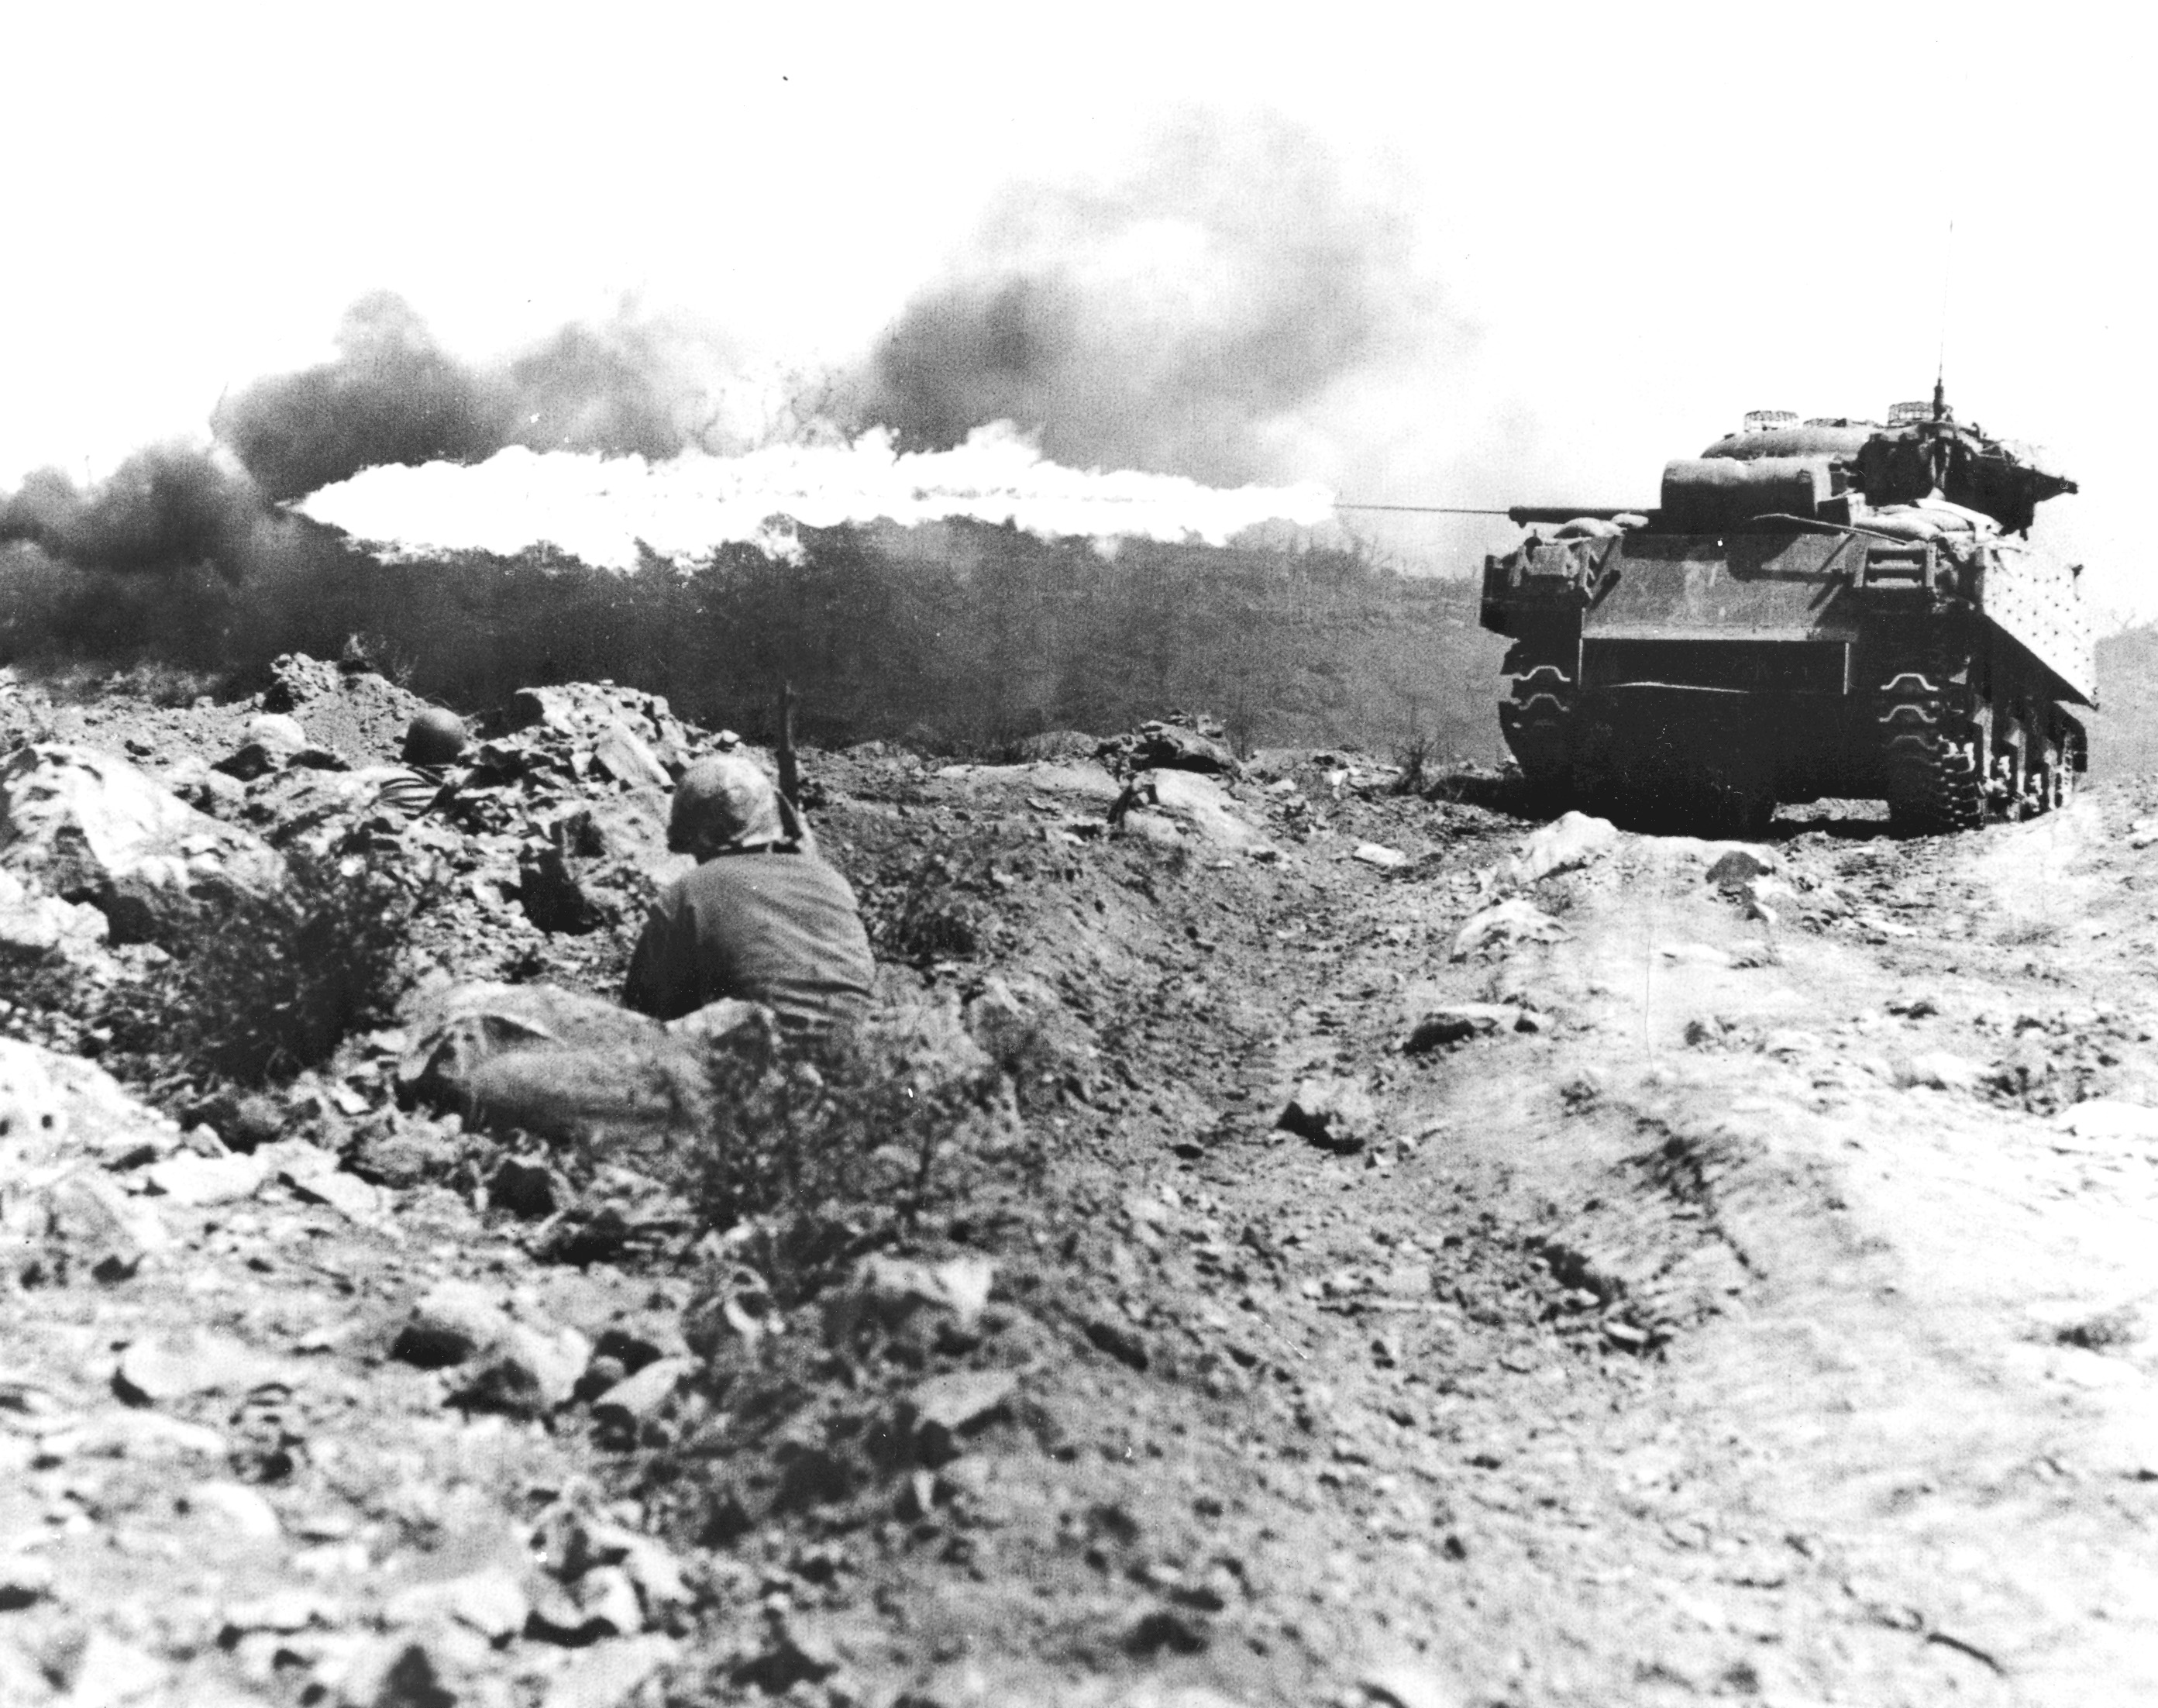 File:Ronson flame tank Iwo Jima.jpg